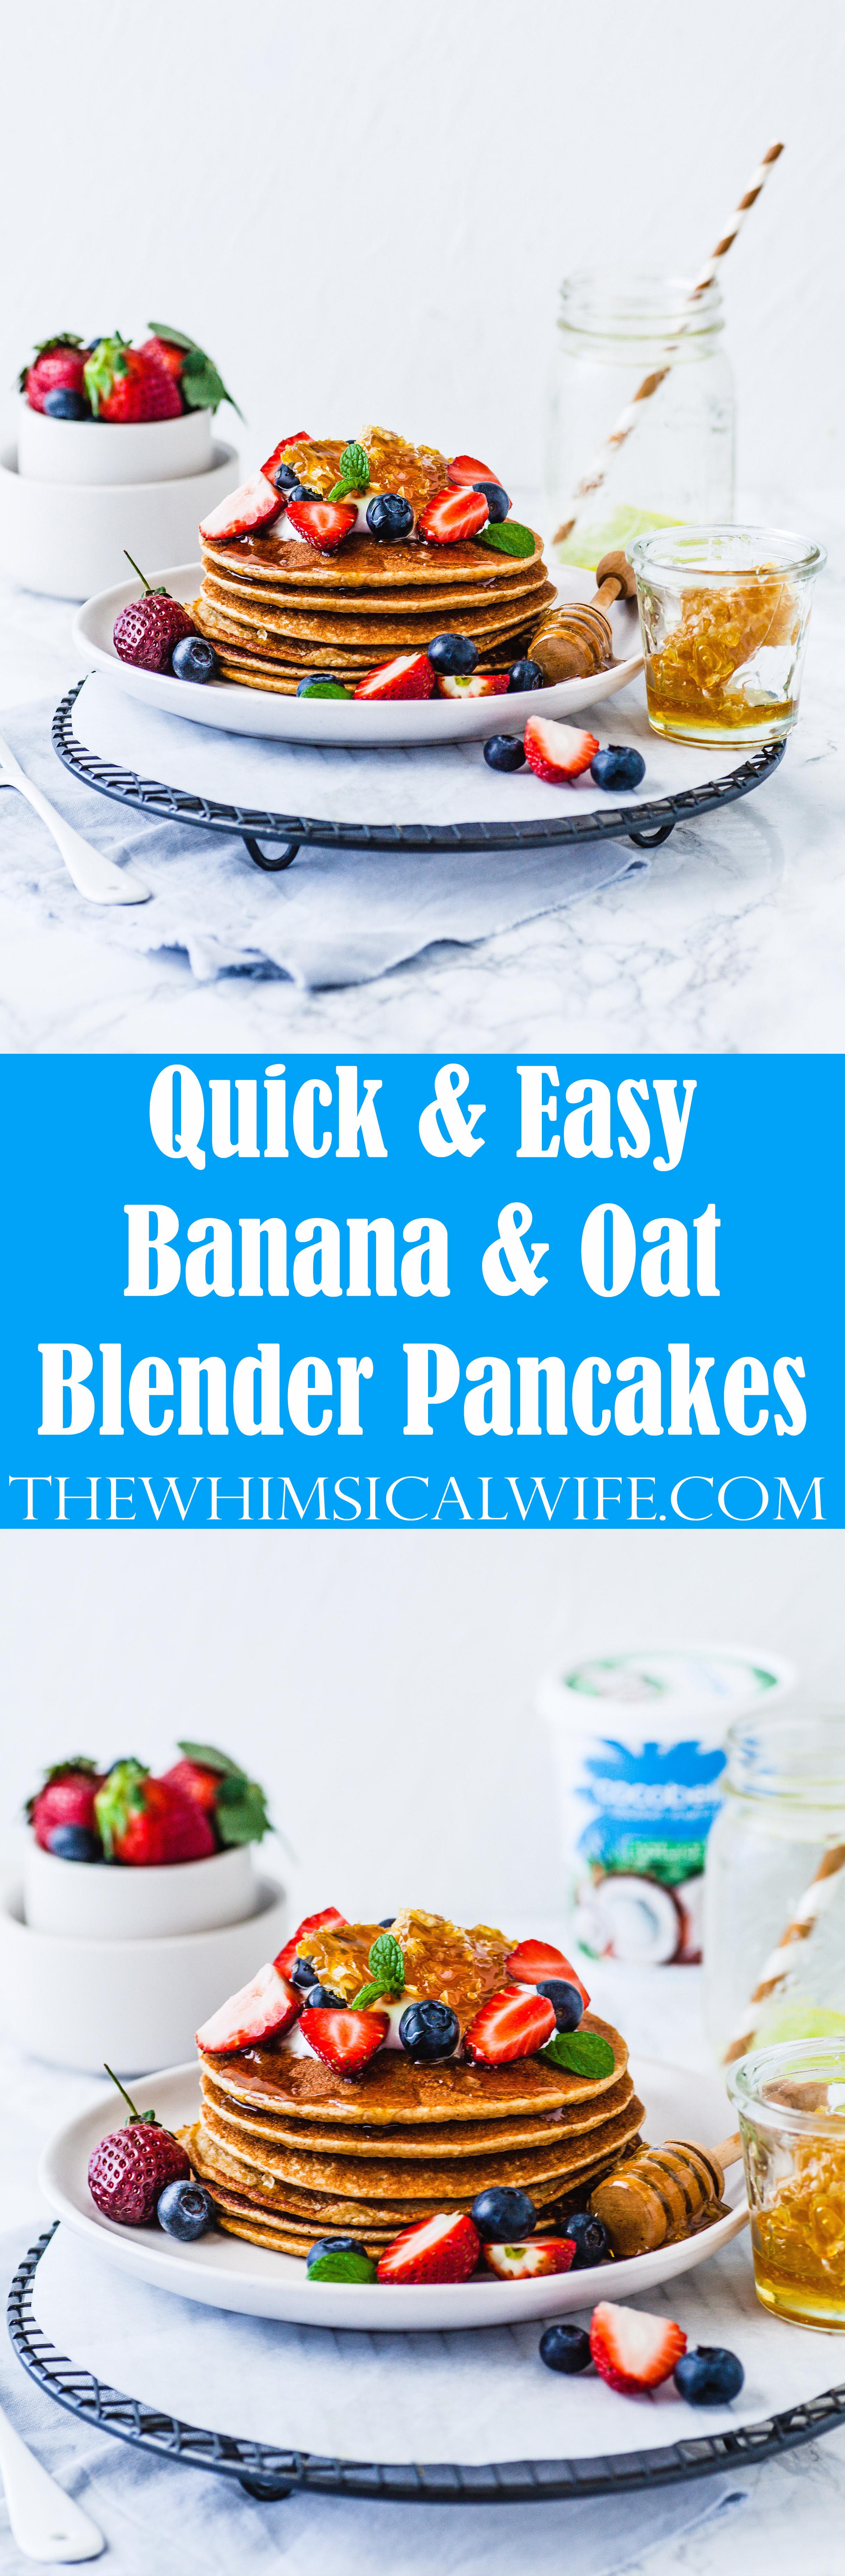 Quick & Easy Banana & Oat Blender Pancakes | The Whimsical Wife